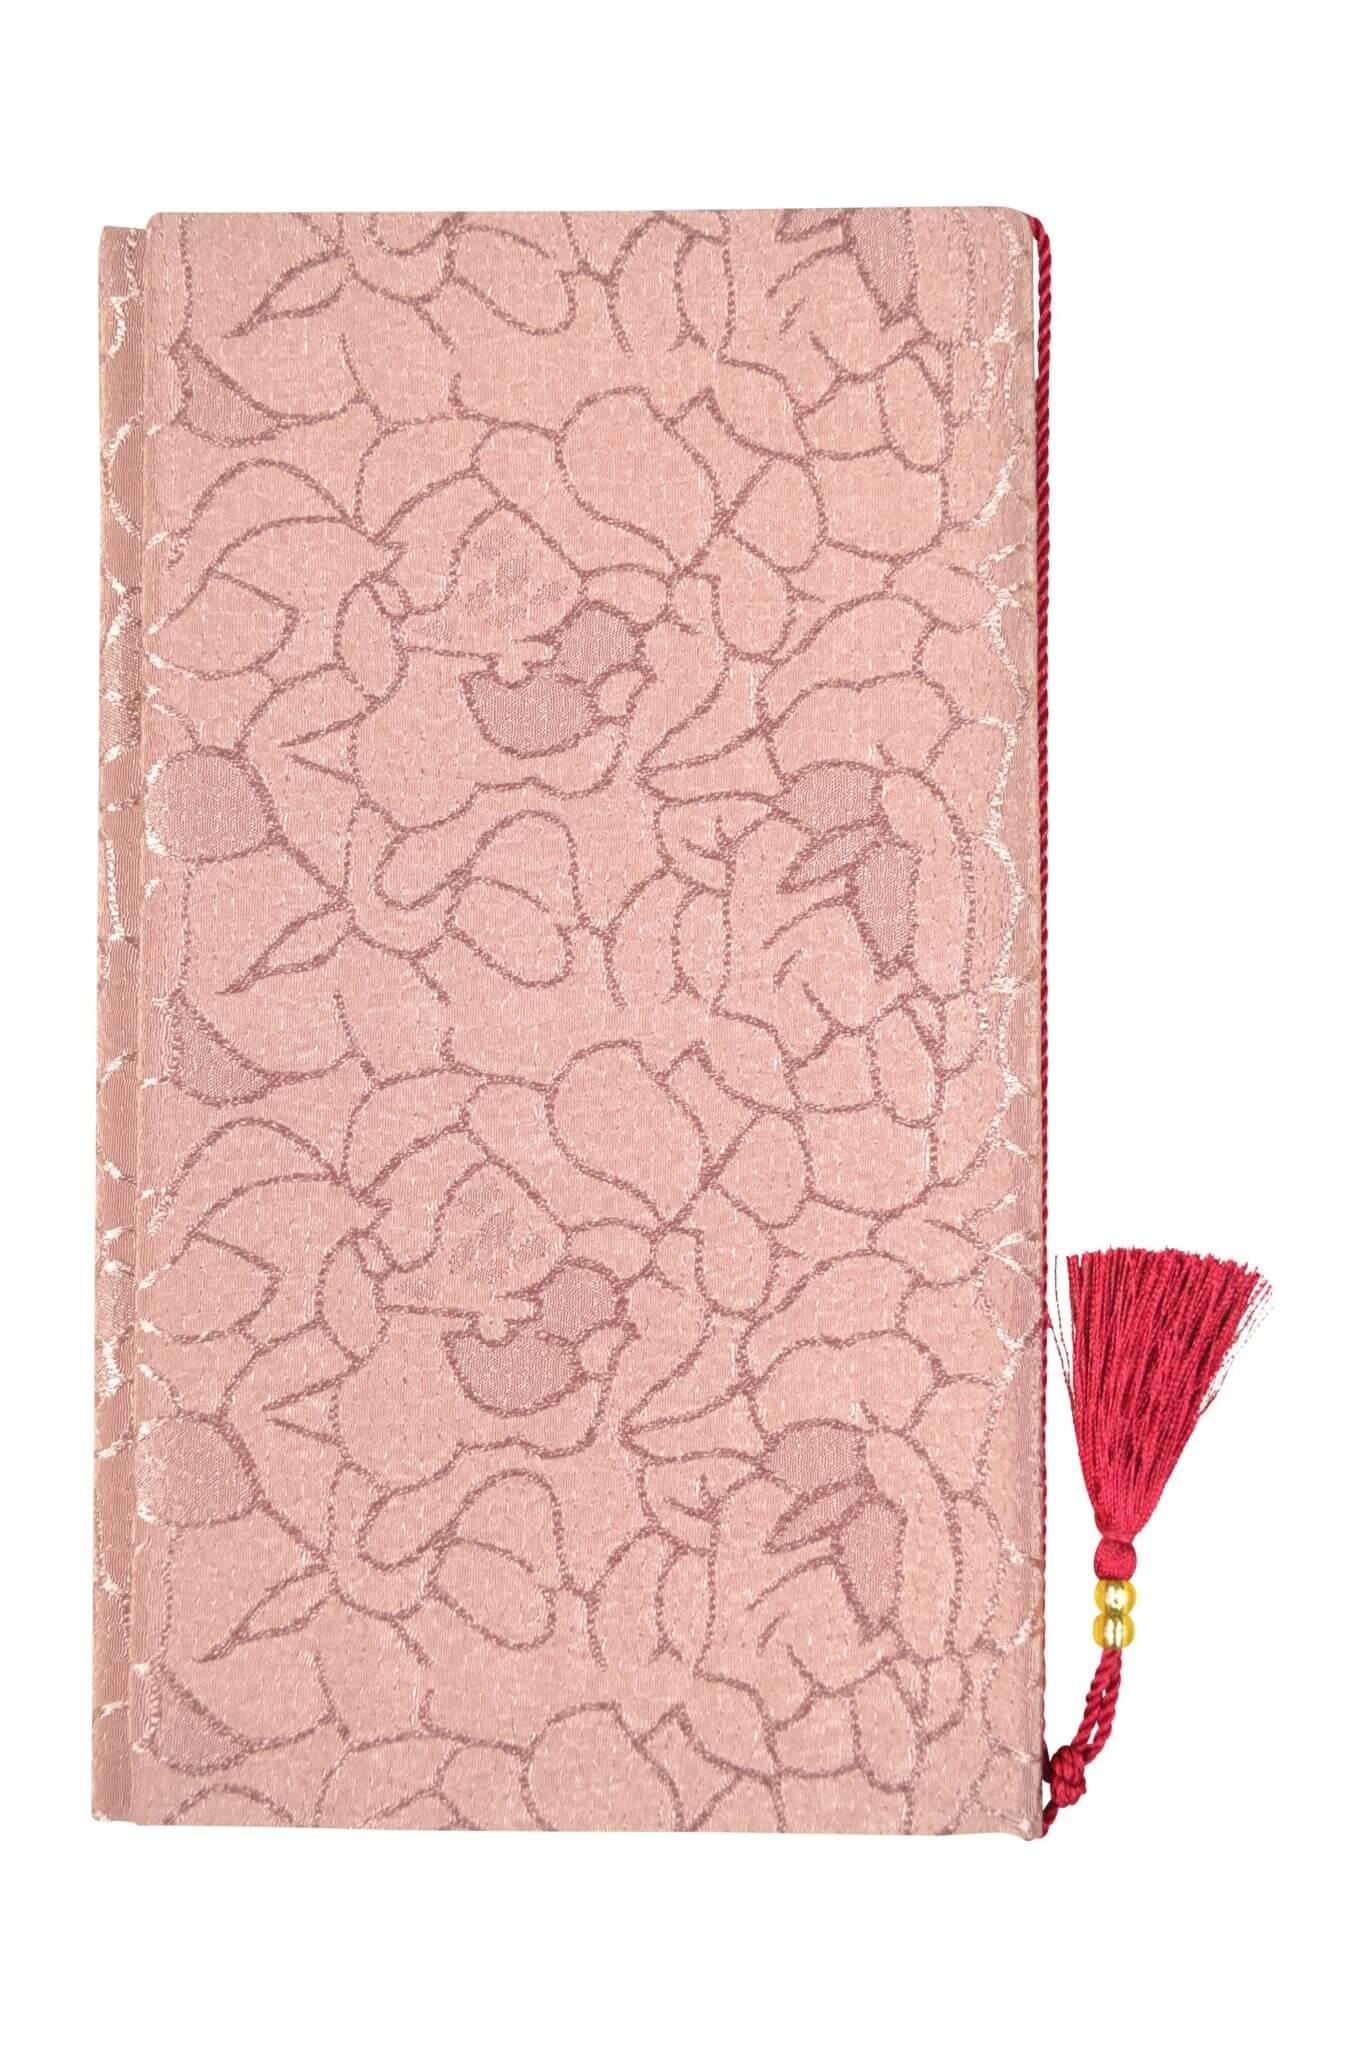 ビヲミナ(VIWOMINA) タッセル付き花模様袱紗